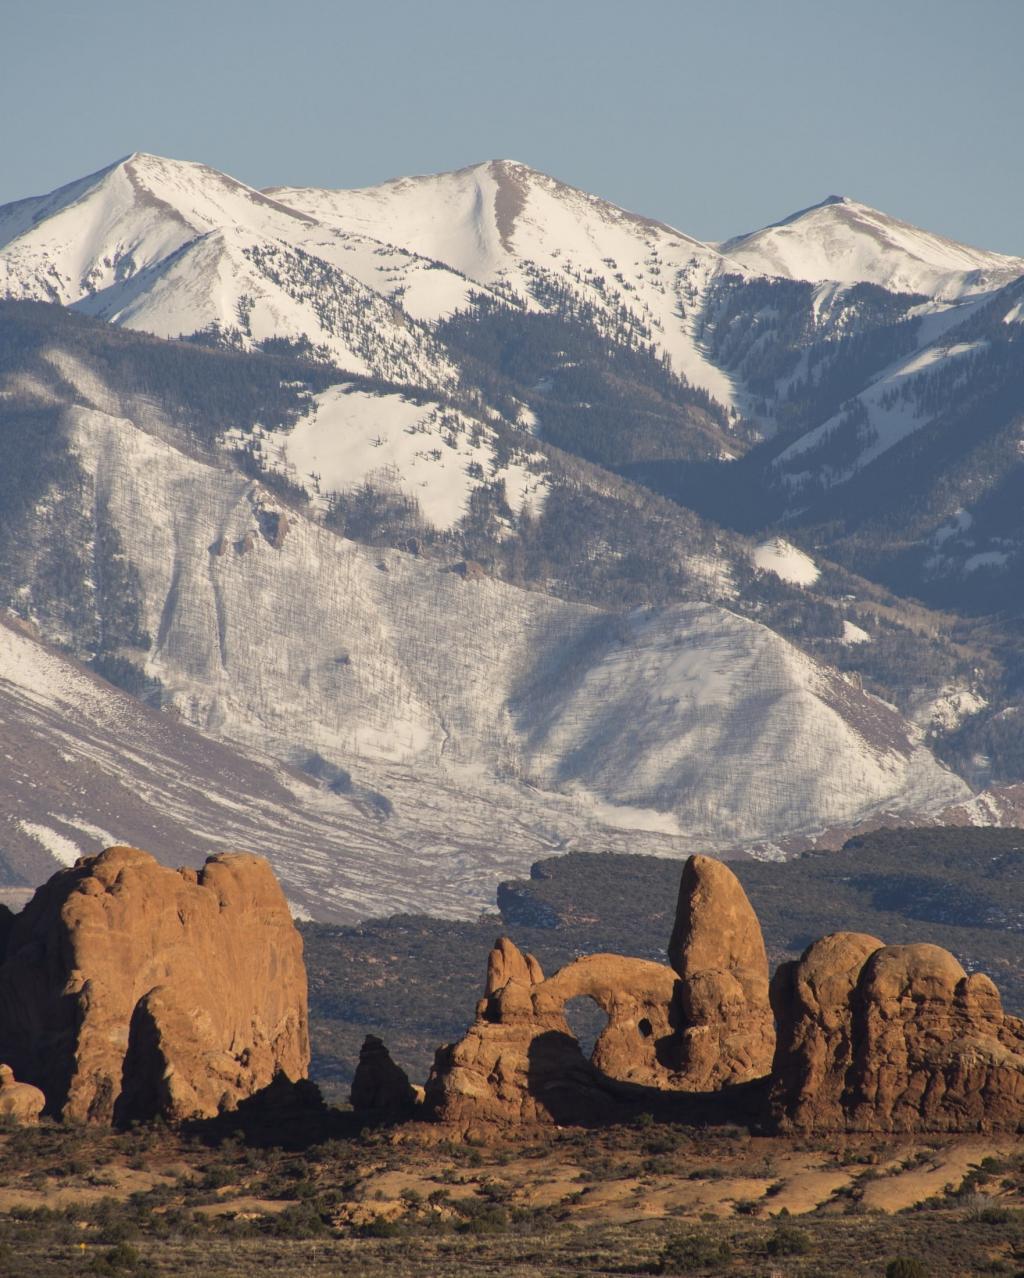 風景 風光明媚な 荒野 屋外で 雪は 冬は私が アーチーズ国立公園 高精細の画像を壁紙に泣く差し戻し 材料を入力します 壁紙